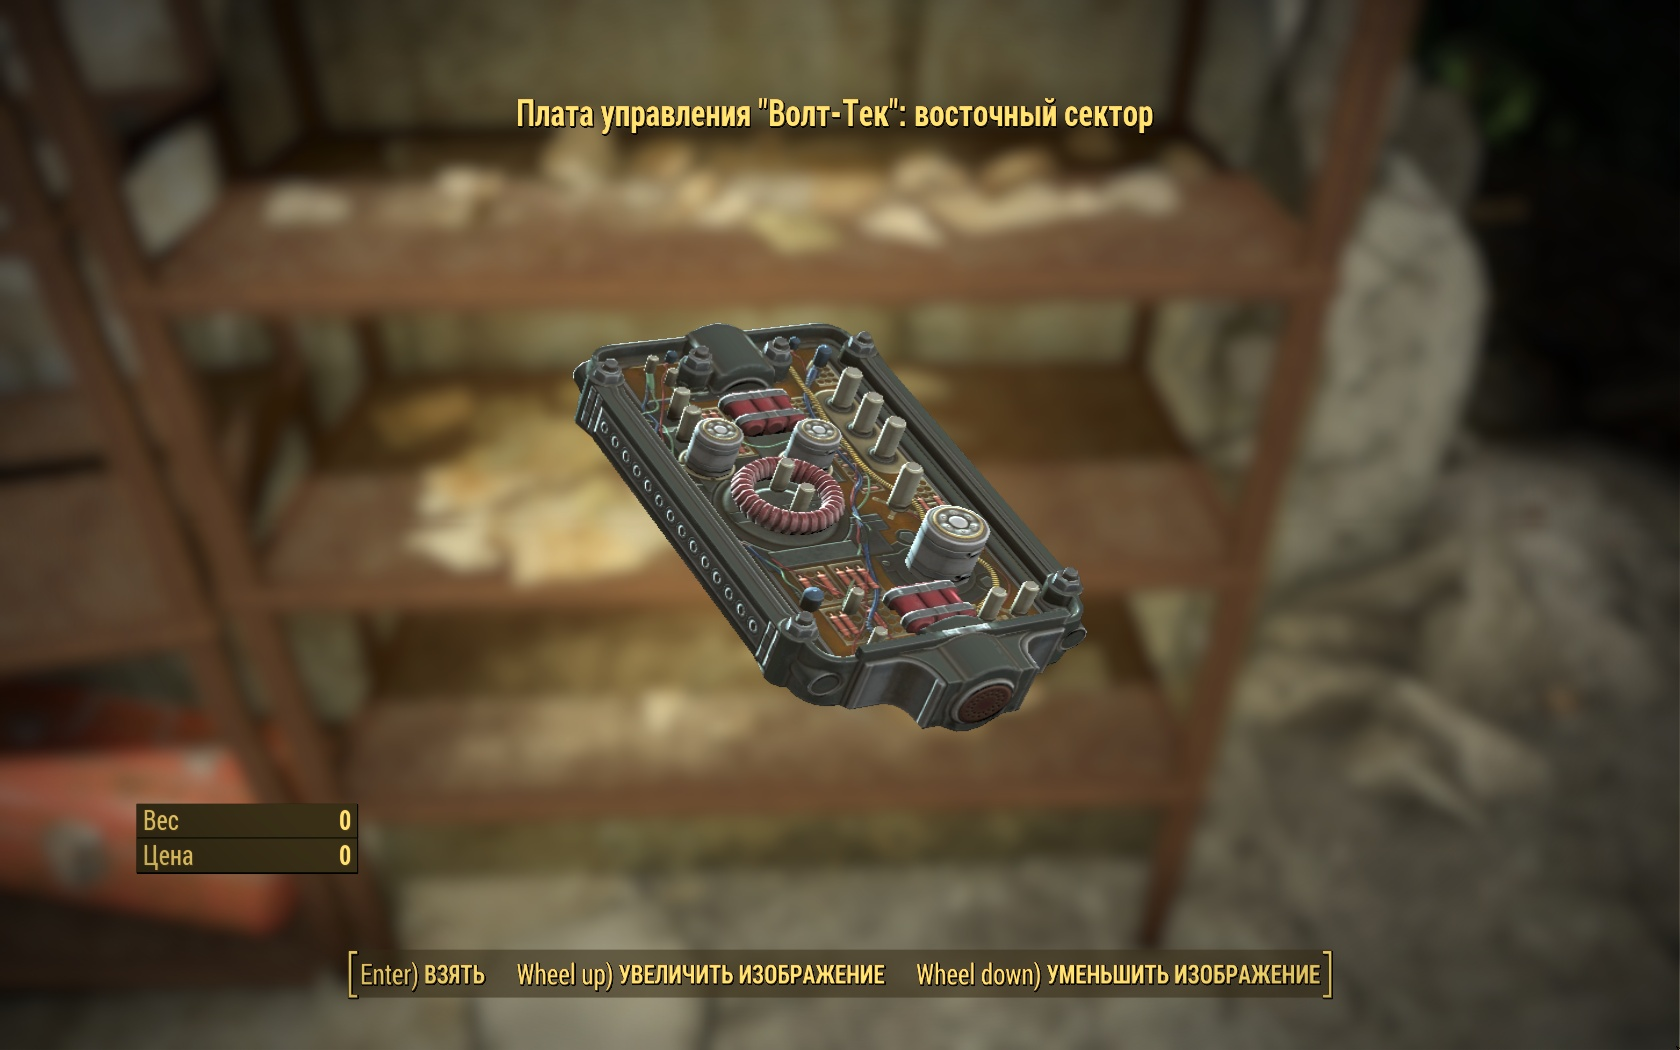 Плата управления Волт-Тек - восточный сектор (Убежище 88) - Fallout 4 Волт-Тек, Плата, Плата управления Волт-Тек, Убежище, Убежище 88